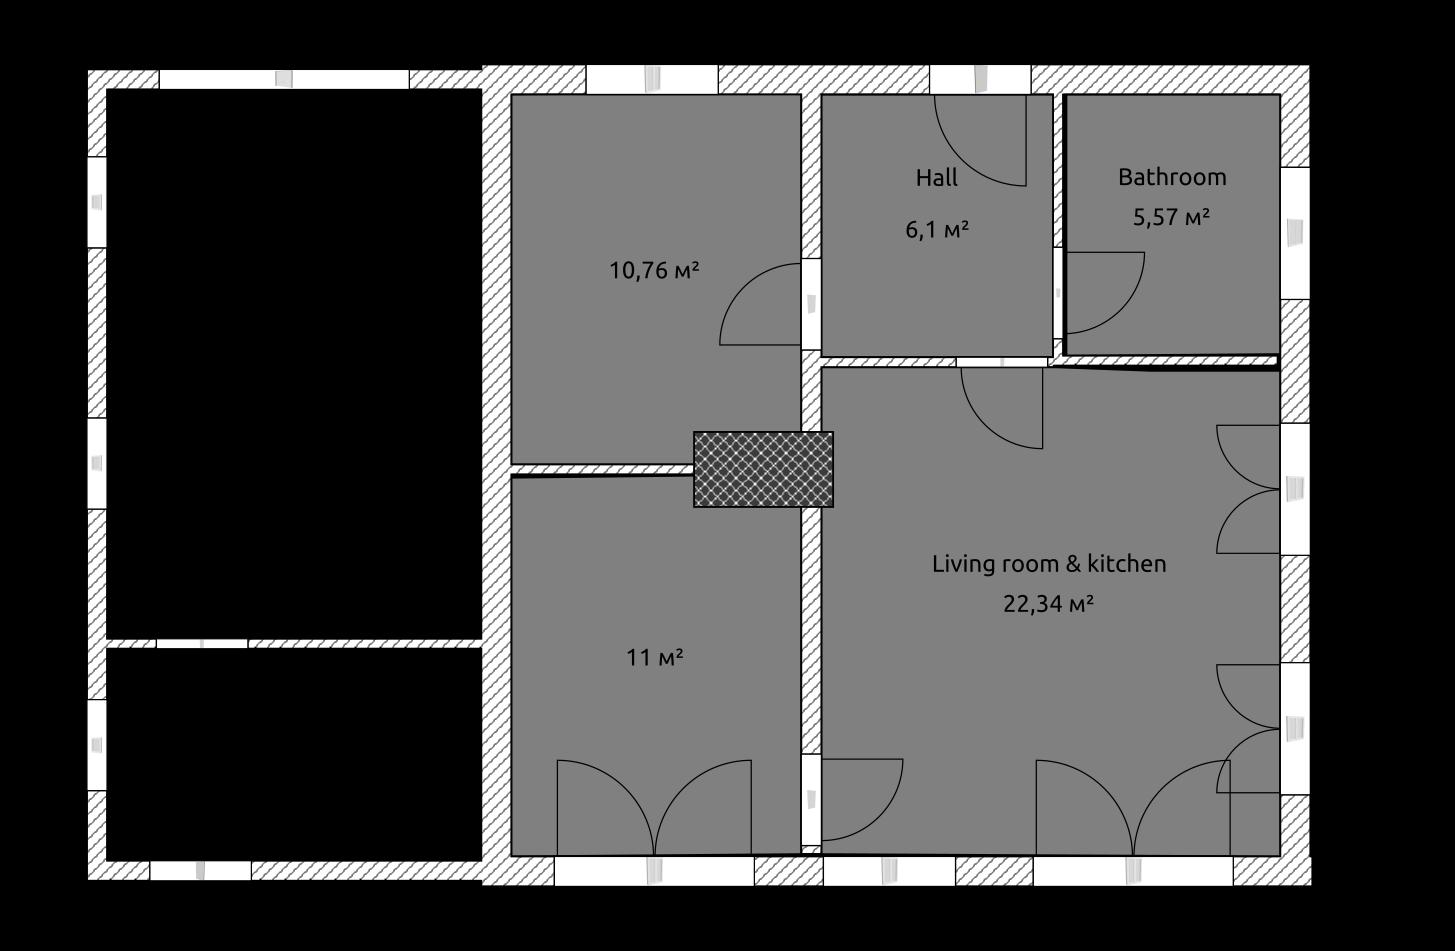 Нажмите на изображение для увеличения Название: plan.png Просмотров: 29 Размер:95.8 Кб ID:646691